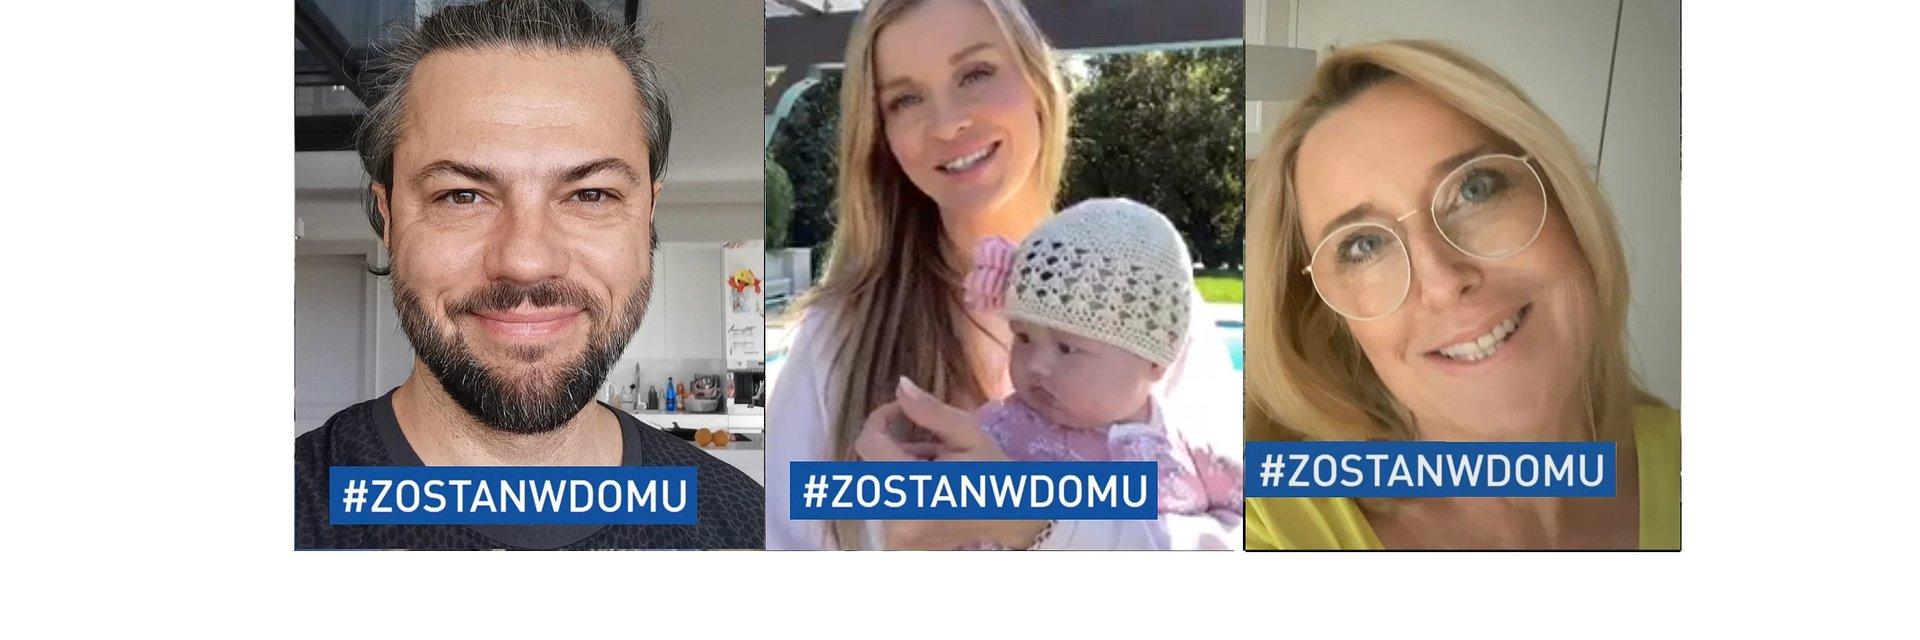 TVN wspiera akcję #ZOSTANWDOMU, gwiazdy apelują do widzów